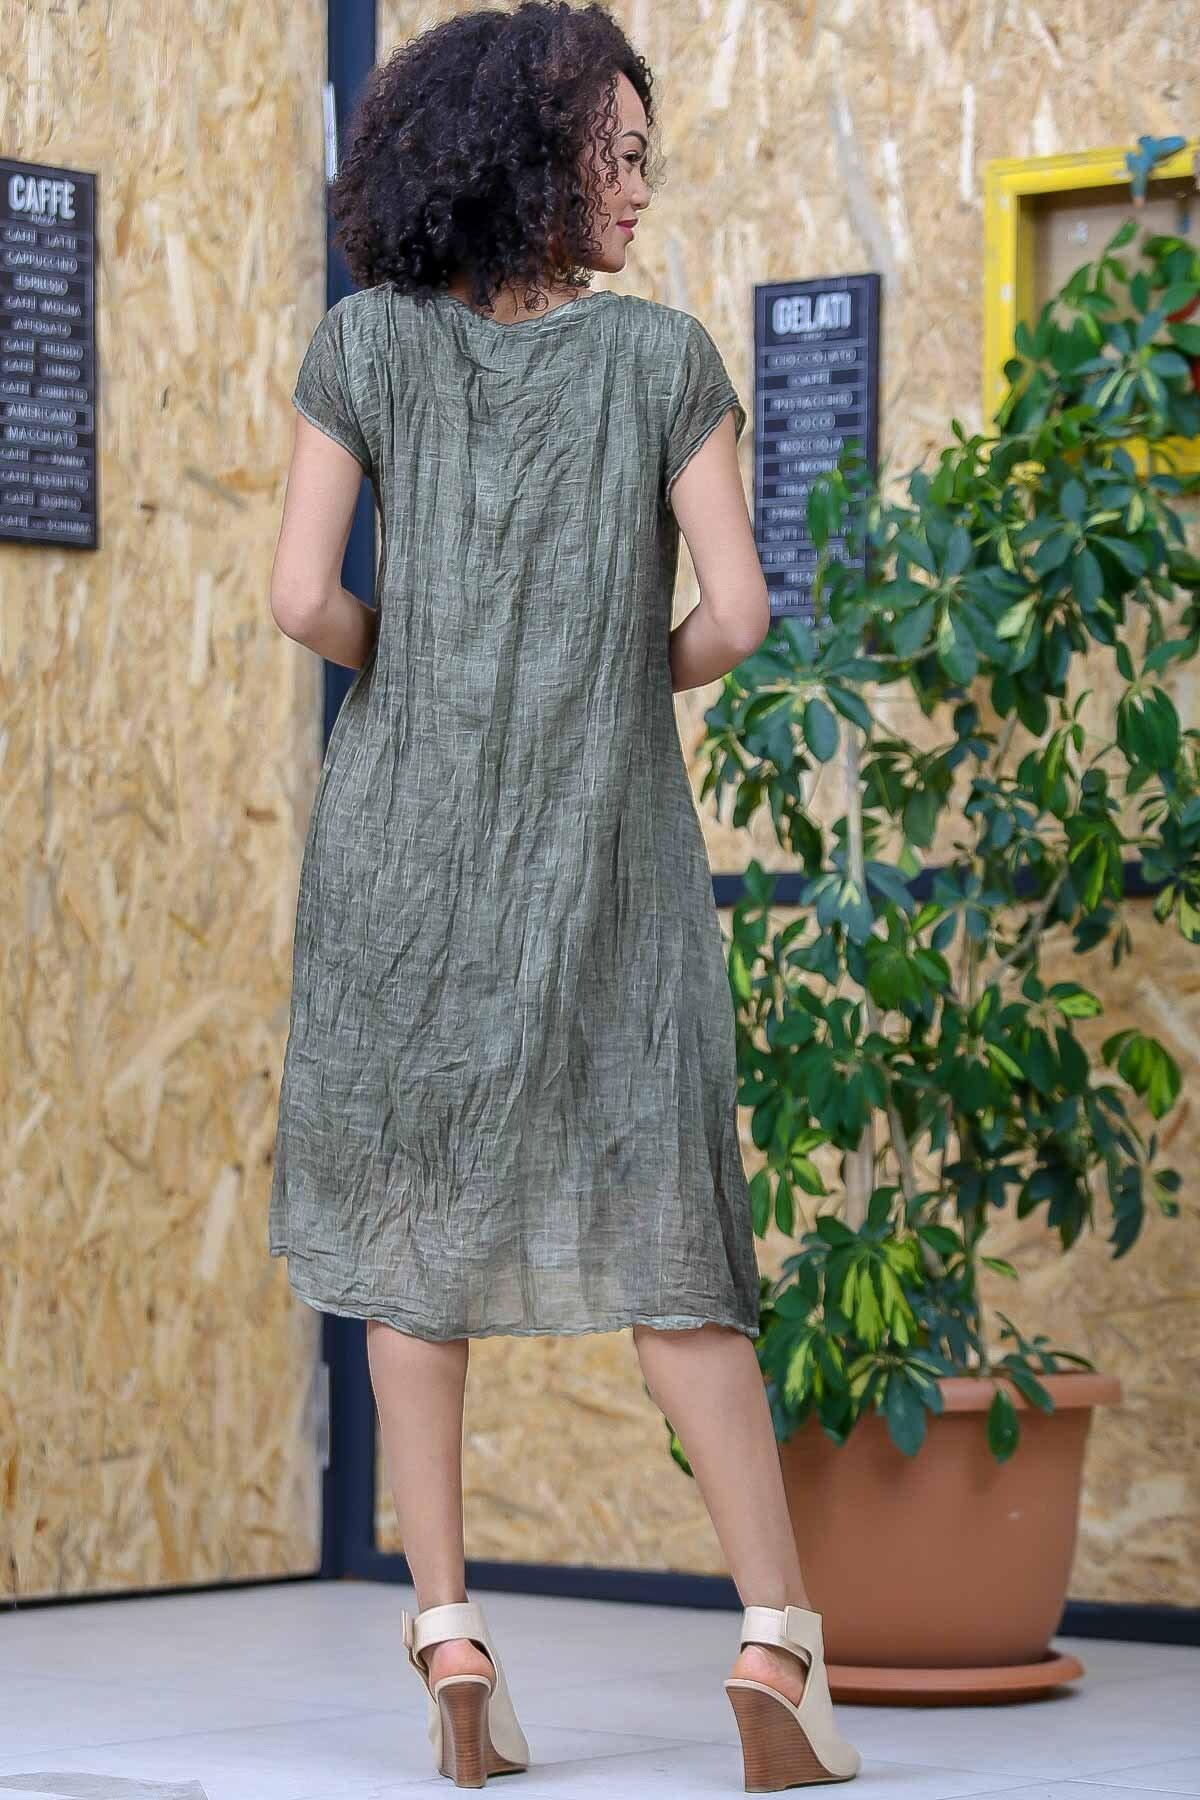 Chiccy Kadın Yeşil Bohem Tülbent Detaylı Saçaklı Yıkamalı Elbise M10160000EL97063 3